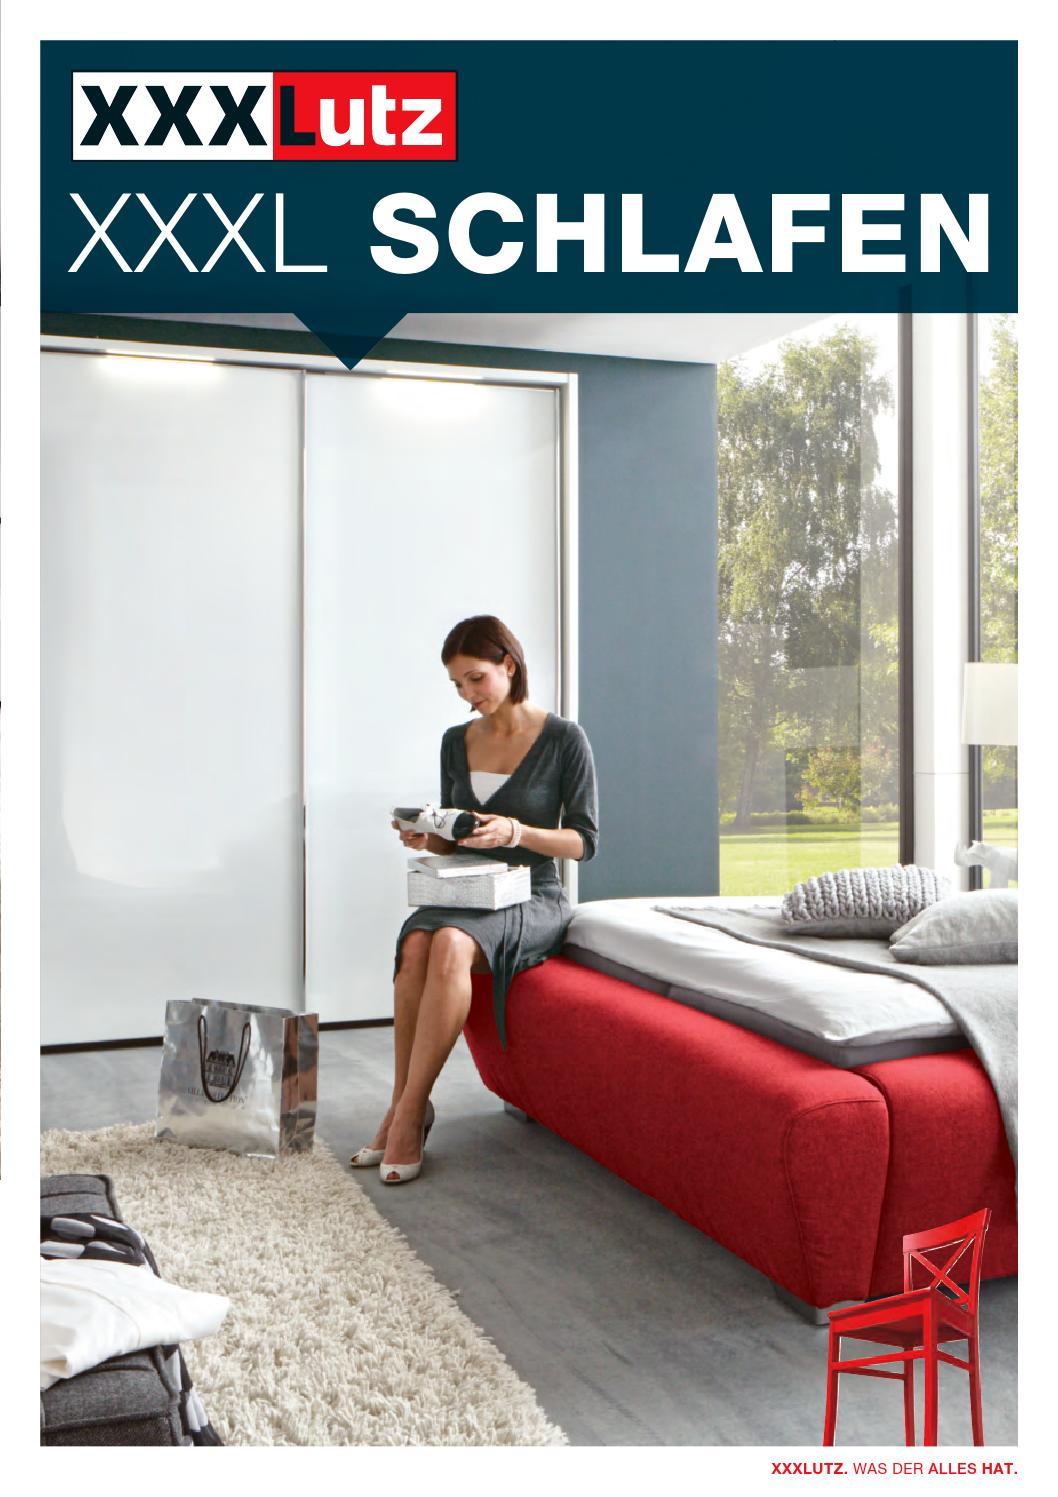 Xxxl Lutz Katalog Gultig Bis 30 05 By Broshuri Issuu